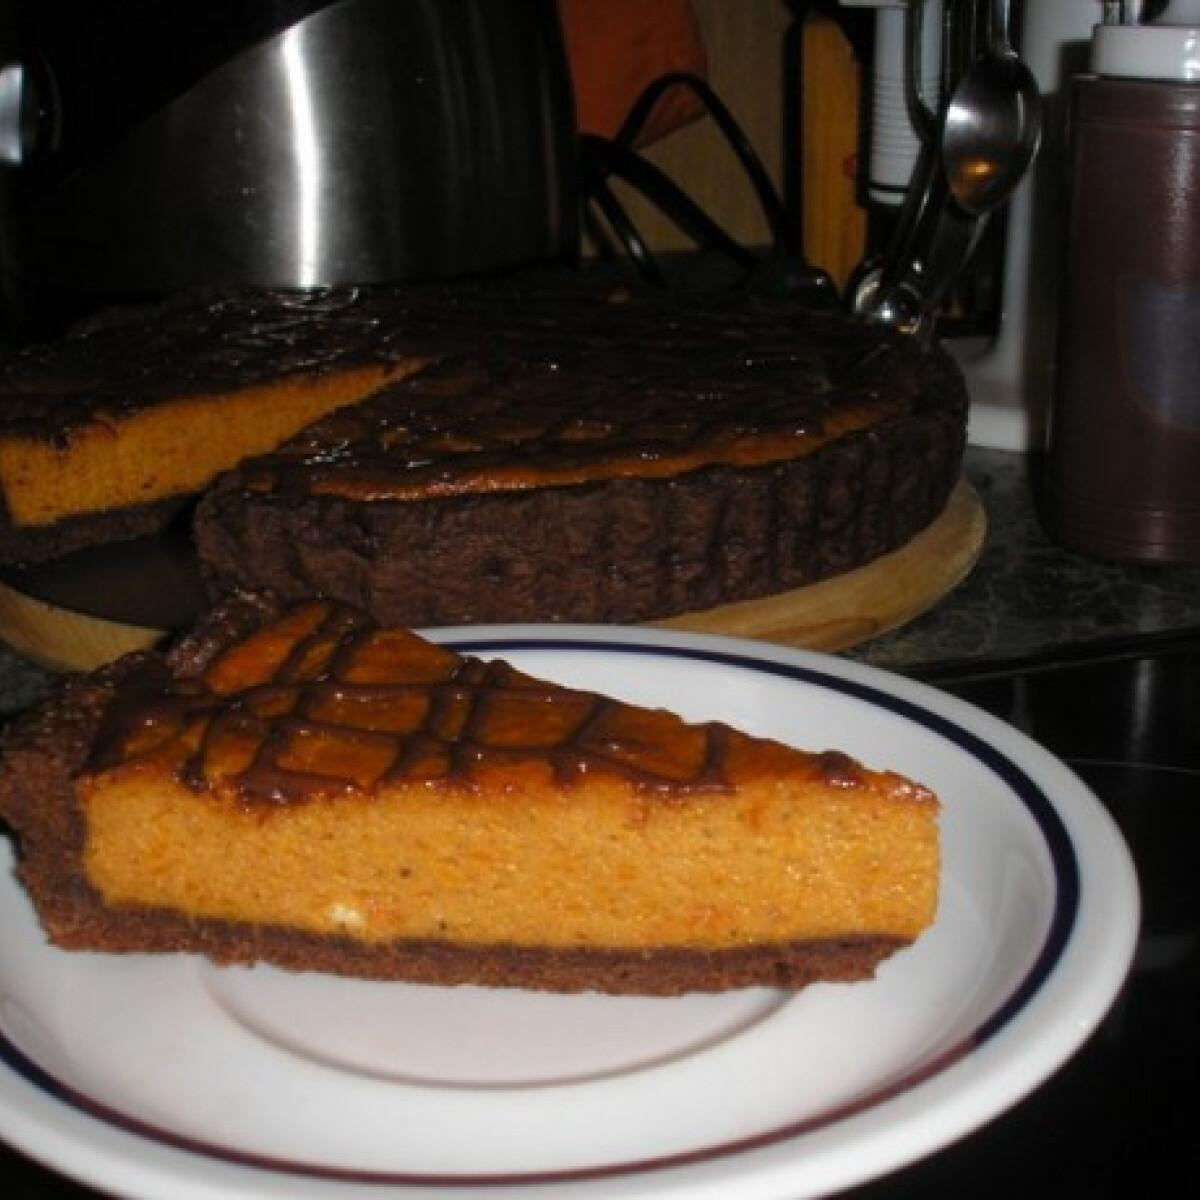 Ezen a képen: Csokoládés sütőtökös pite